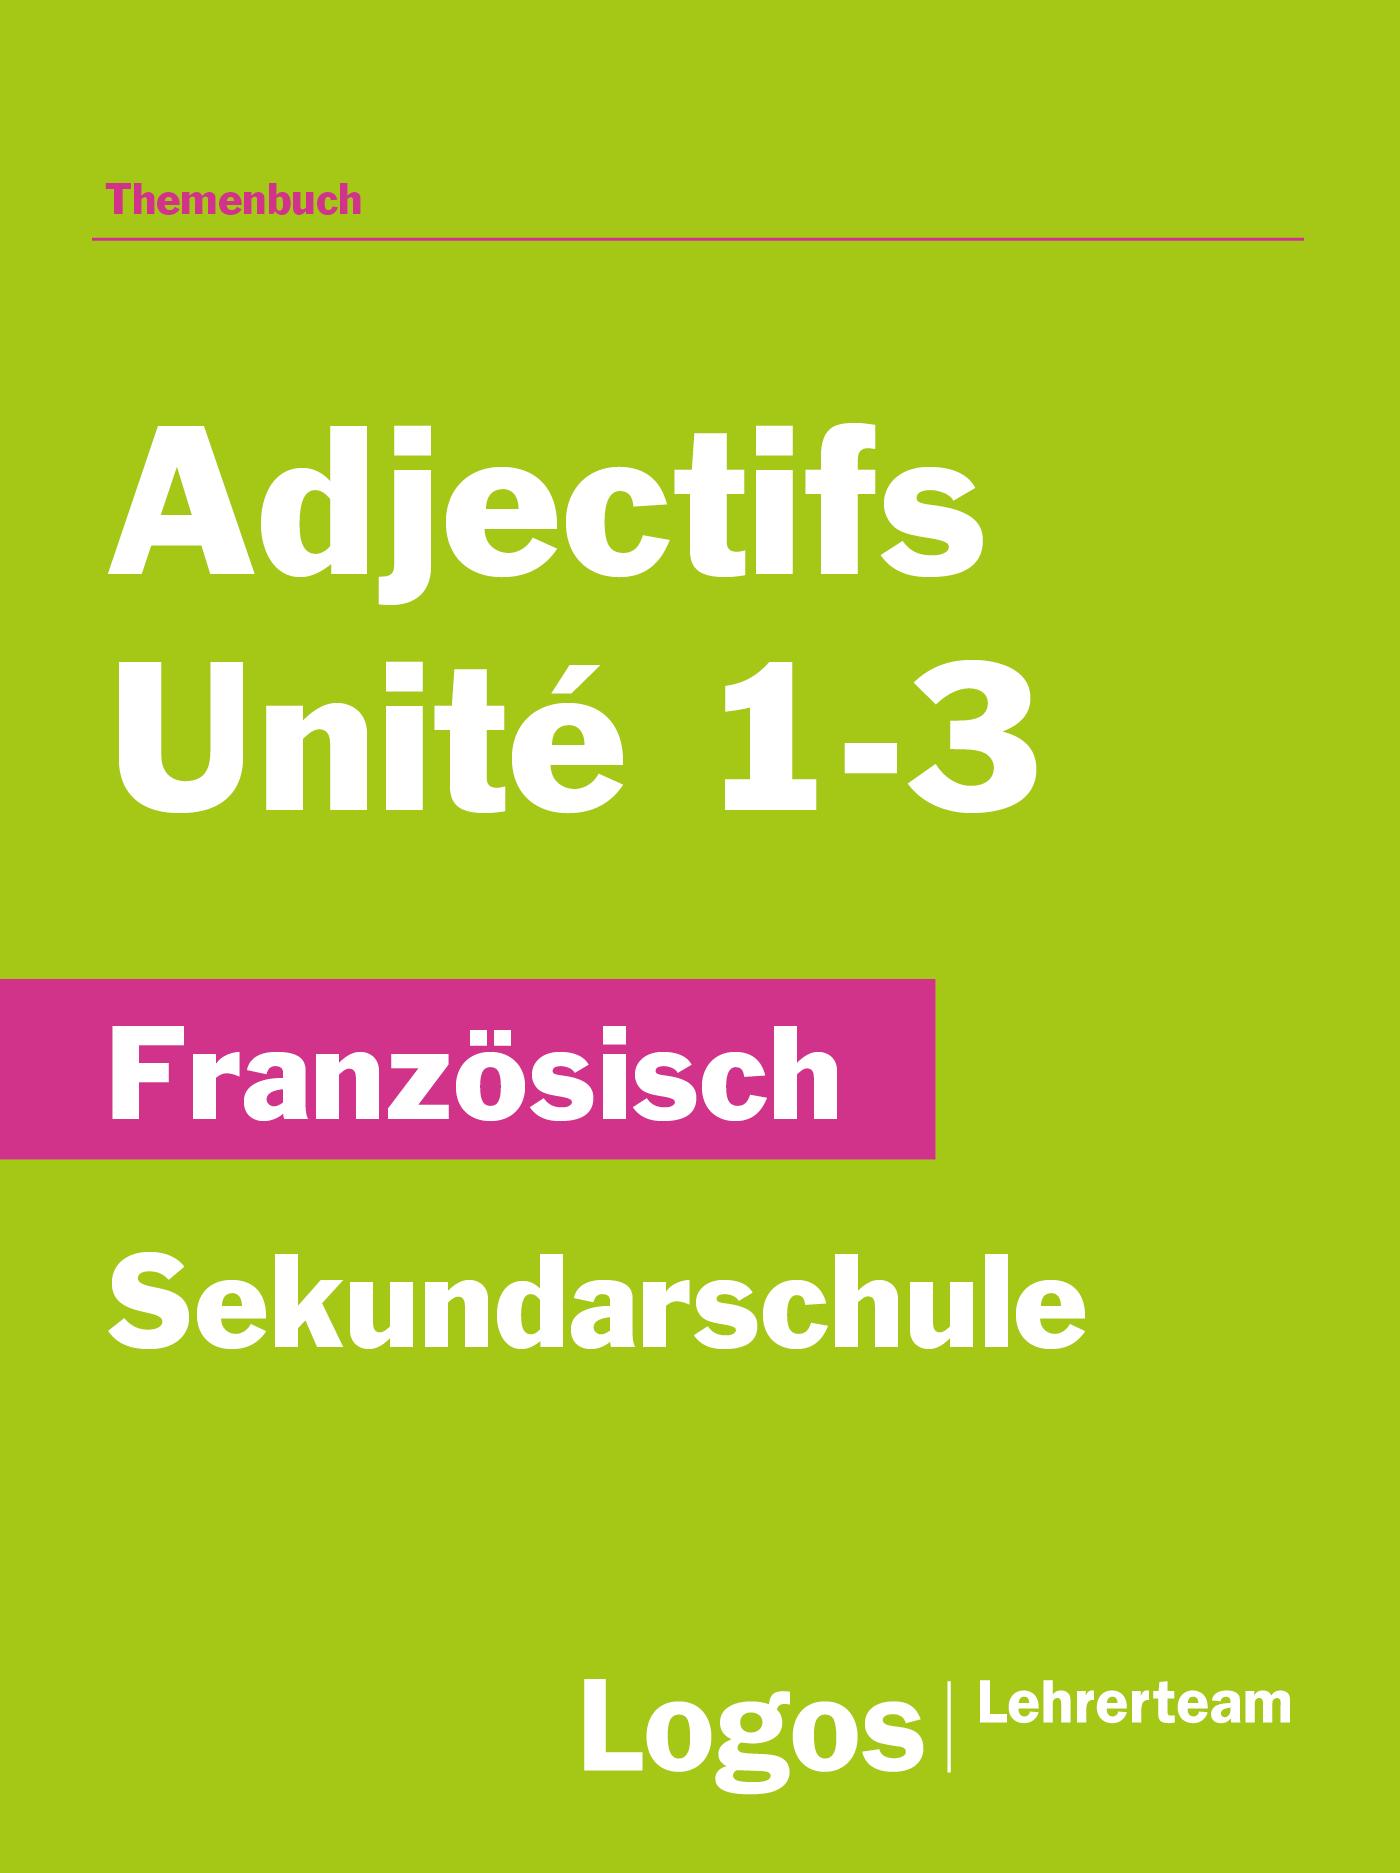 Französisch 3 Adjectifs Unite 1-3 - Sekundar